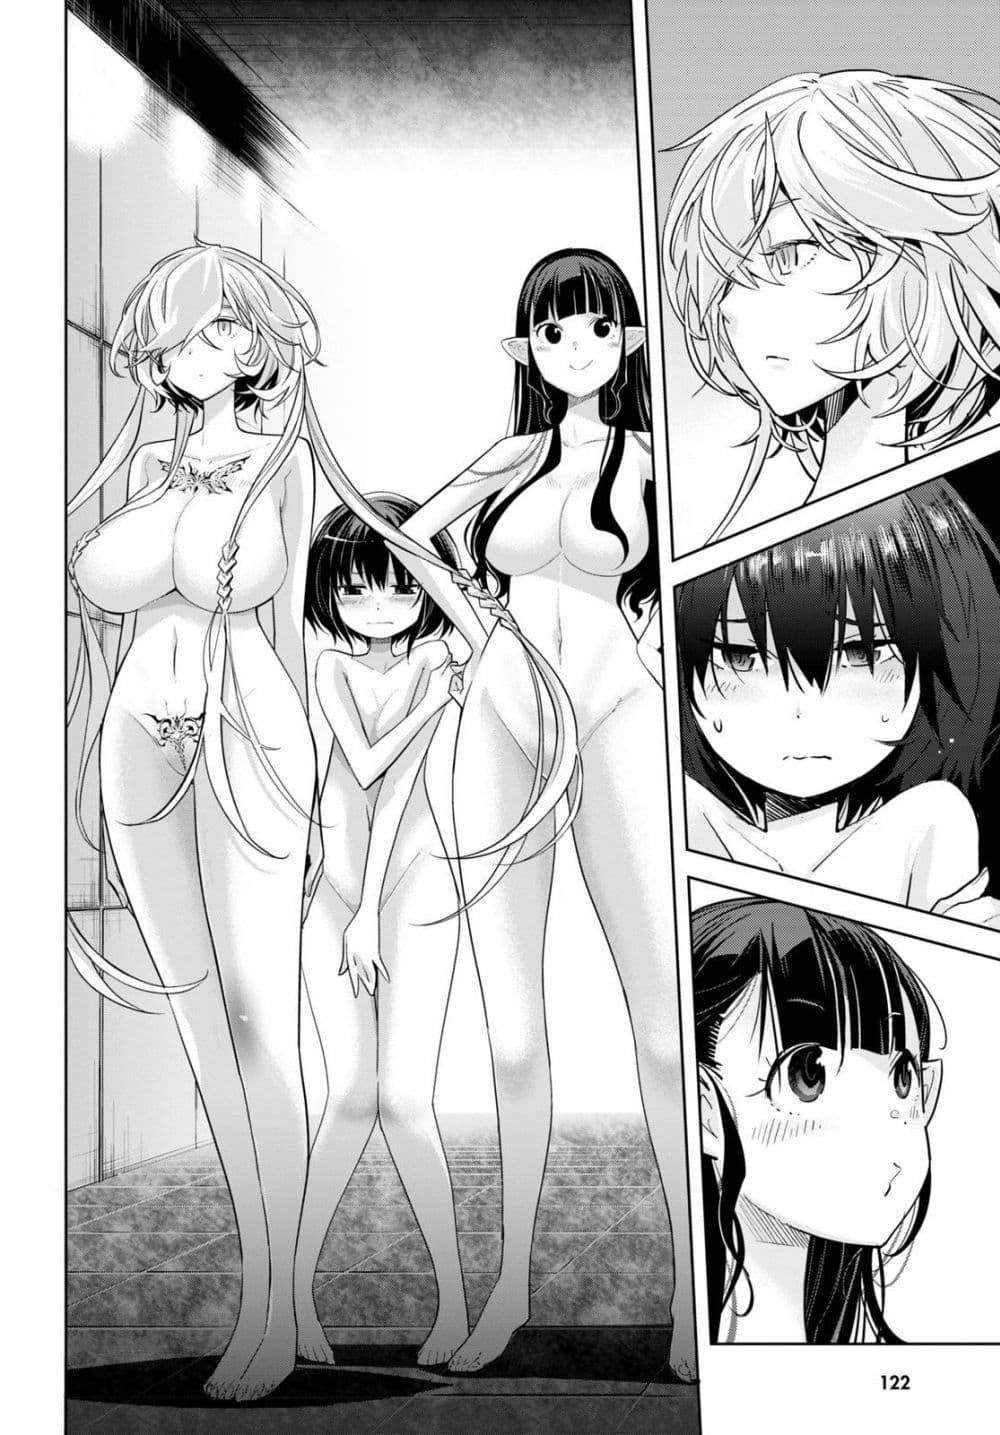 อ่านการ์ตูน Game obu Familia - Family Senki ตอนที่ 21 หน้าที่ 8